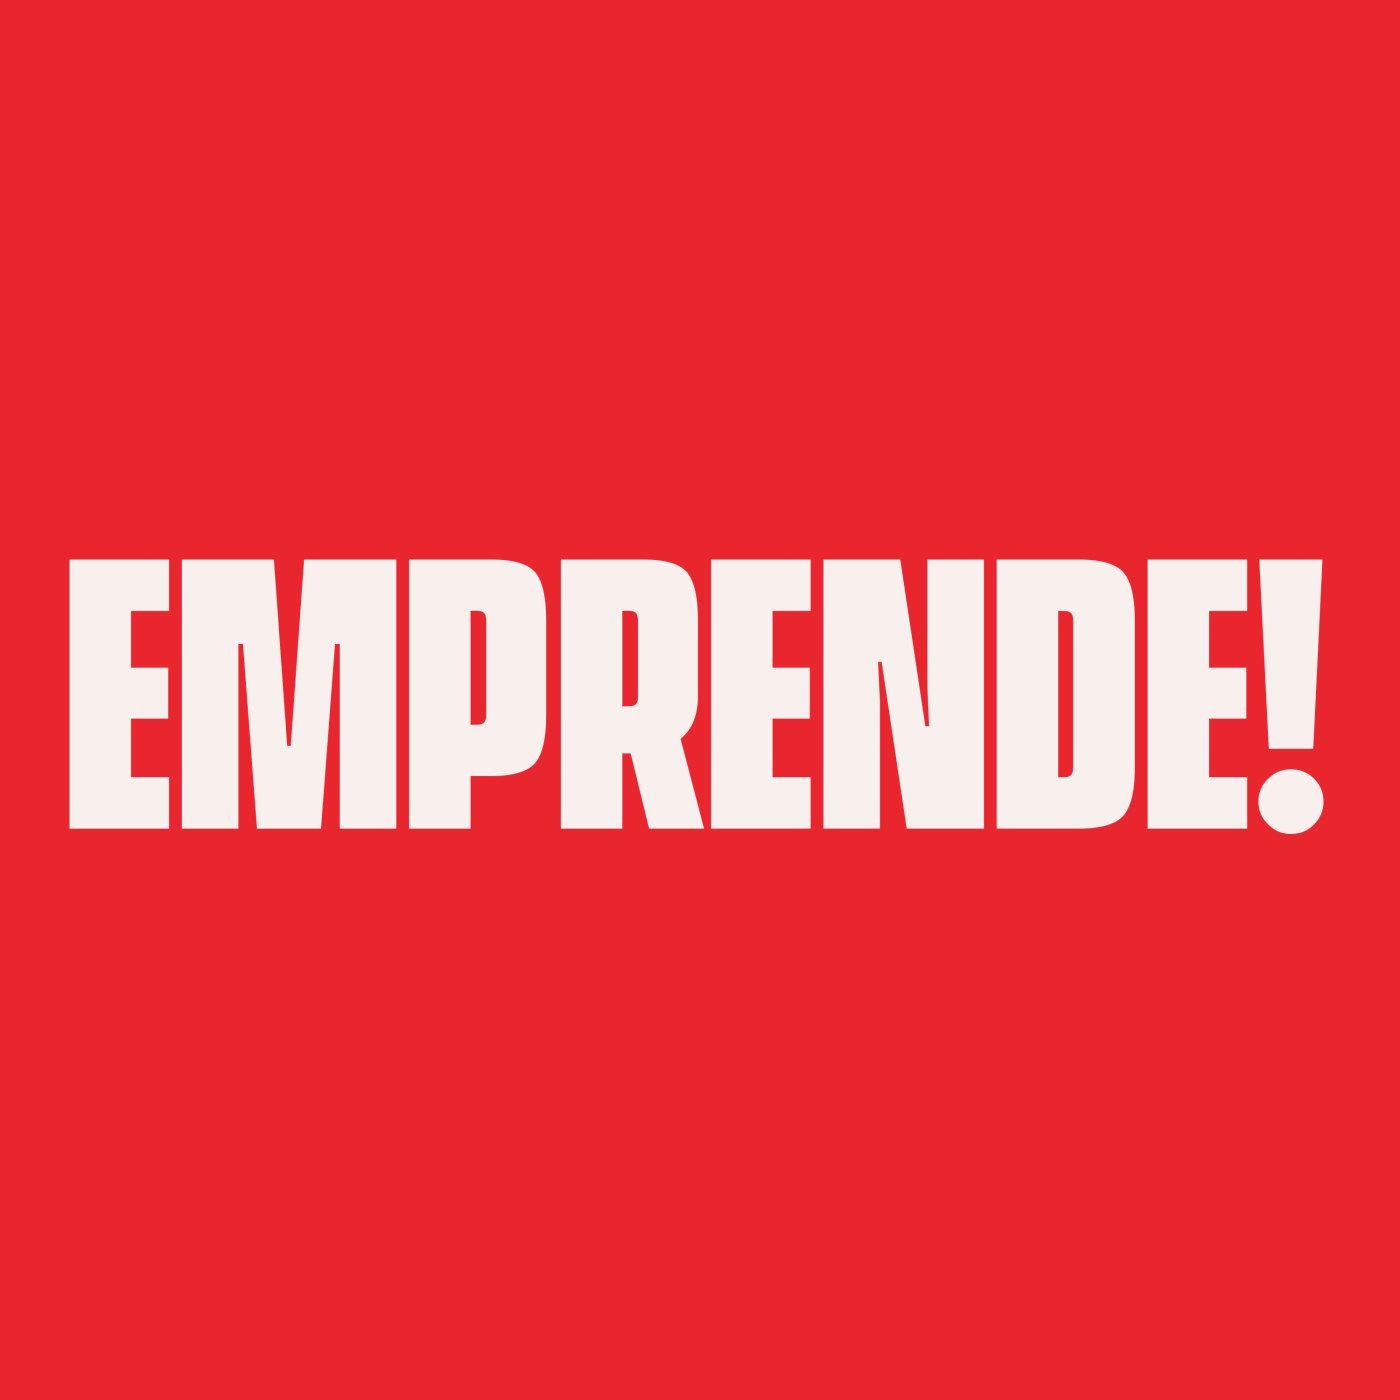 08 - ENTREVISTA CON ANDRES ROARO - Copywriter y Host de La Hora del Experto